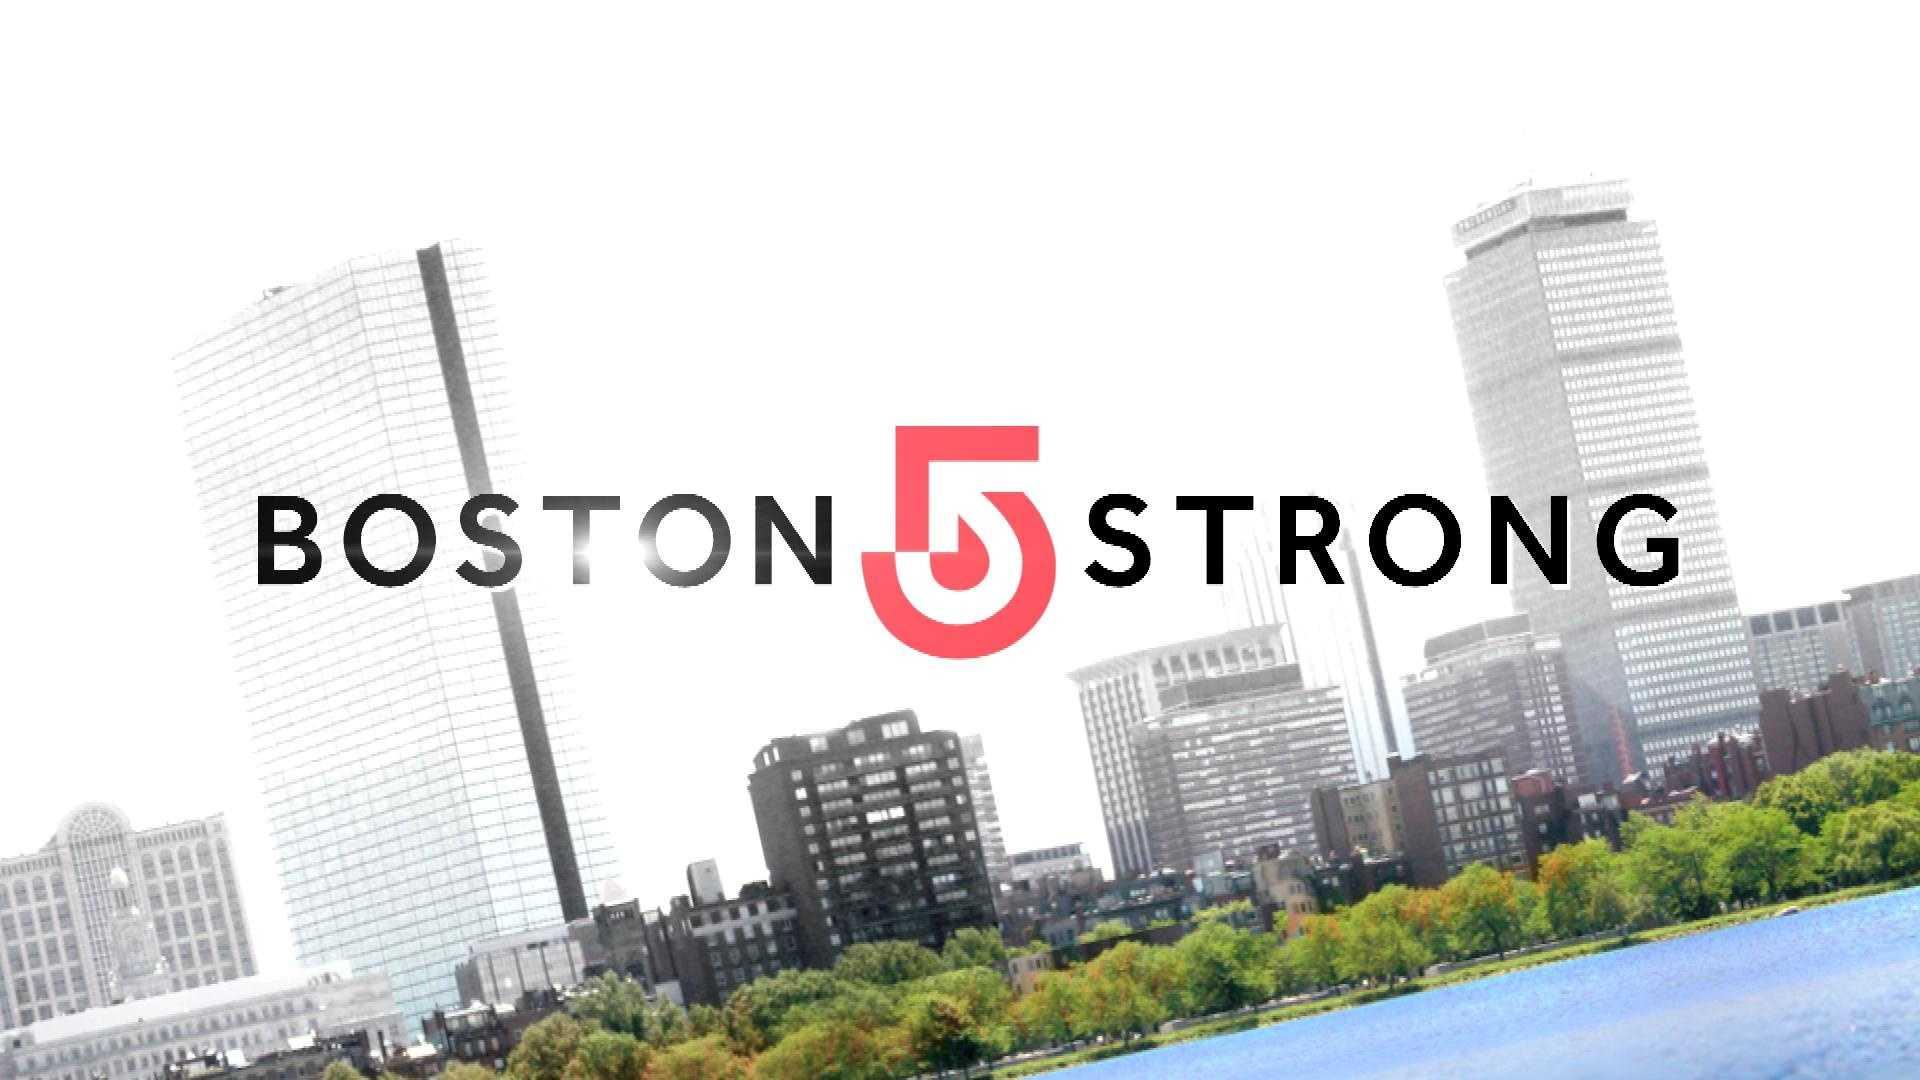 Thursday, February 27: Boston Strong